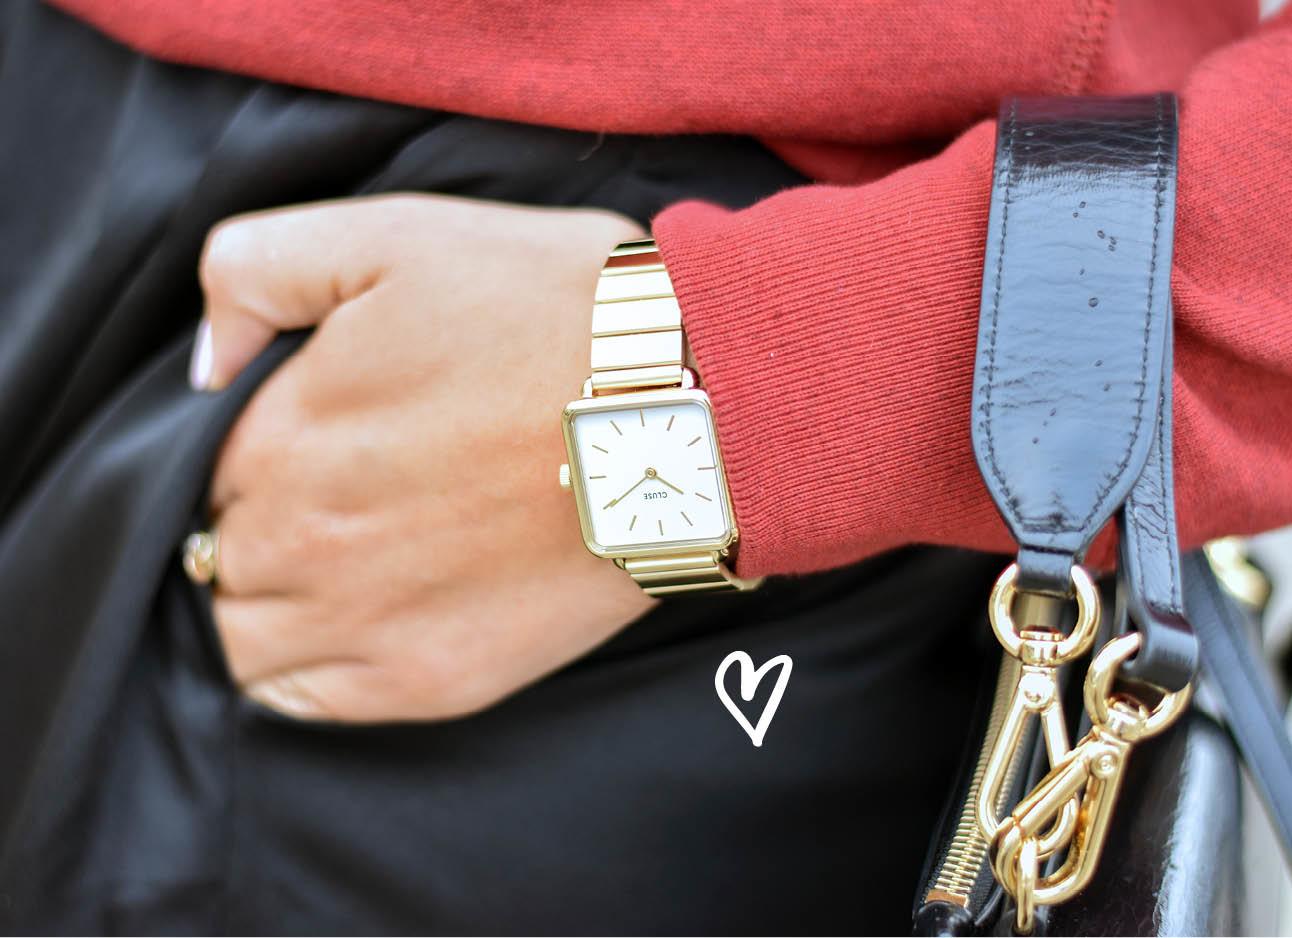 cluse horloge close up